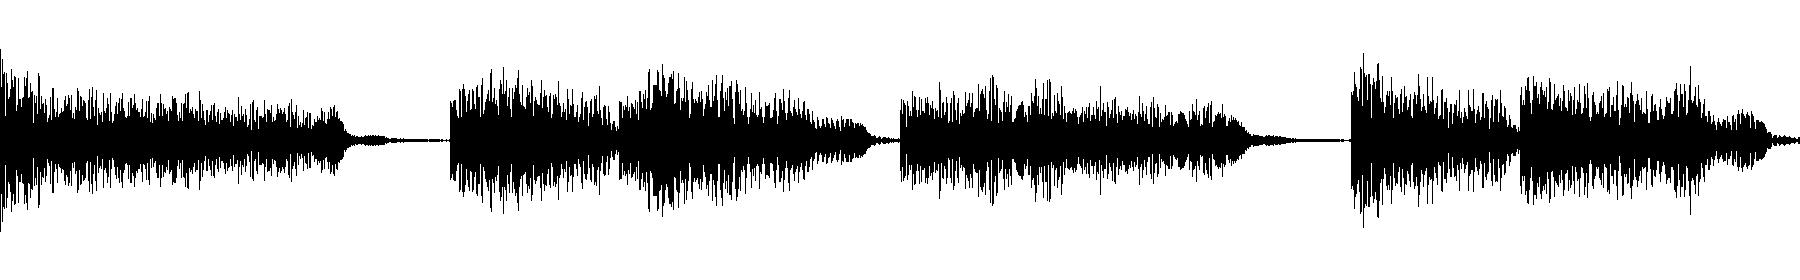 Fhp rhodes 20chords8 125 c